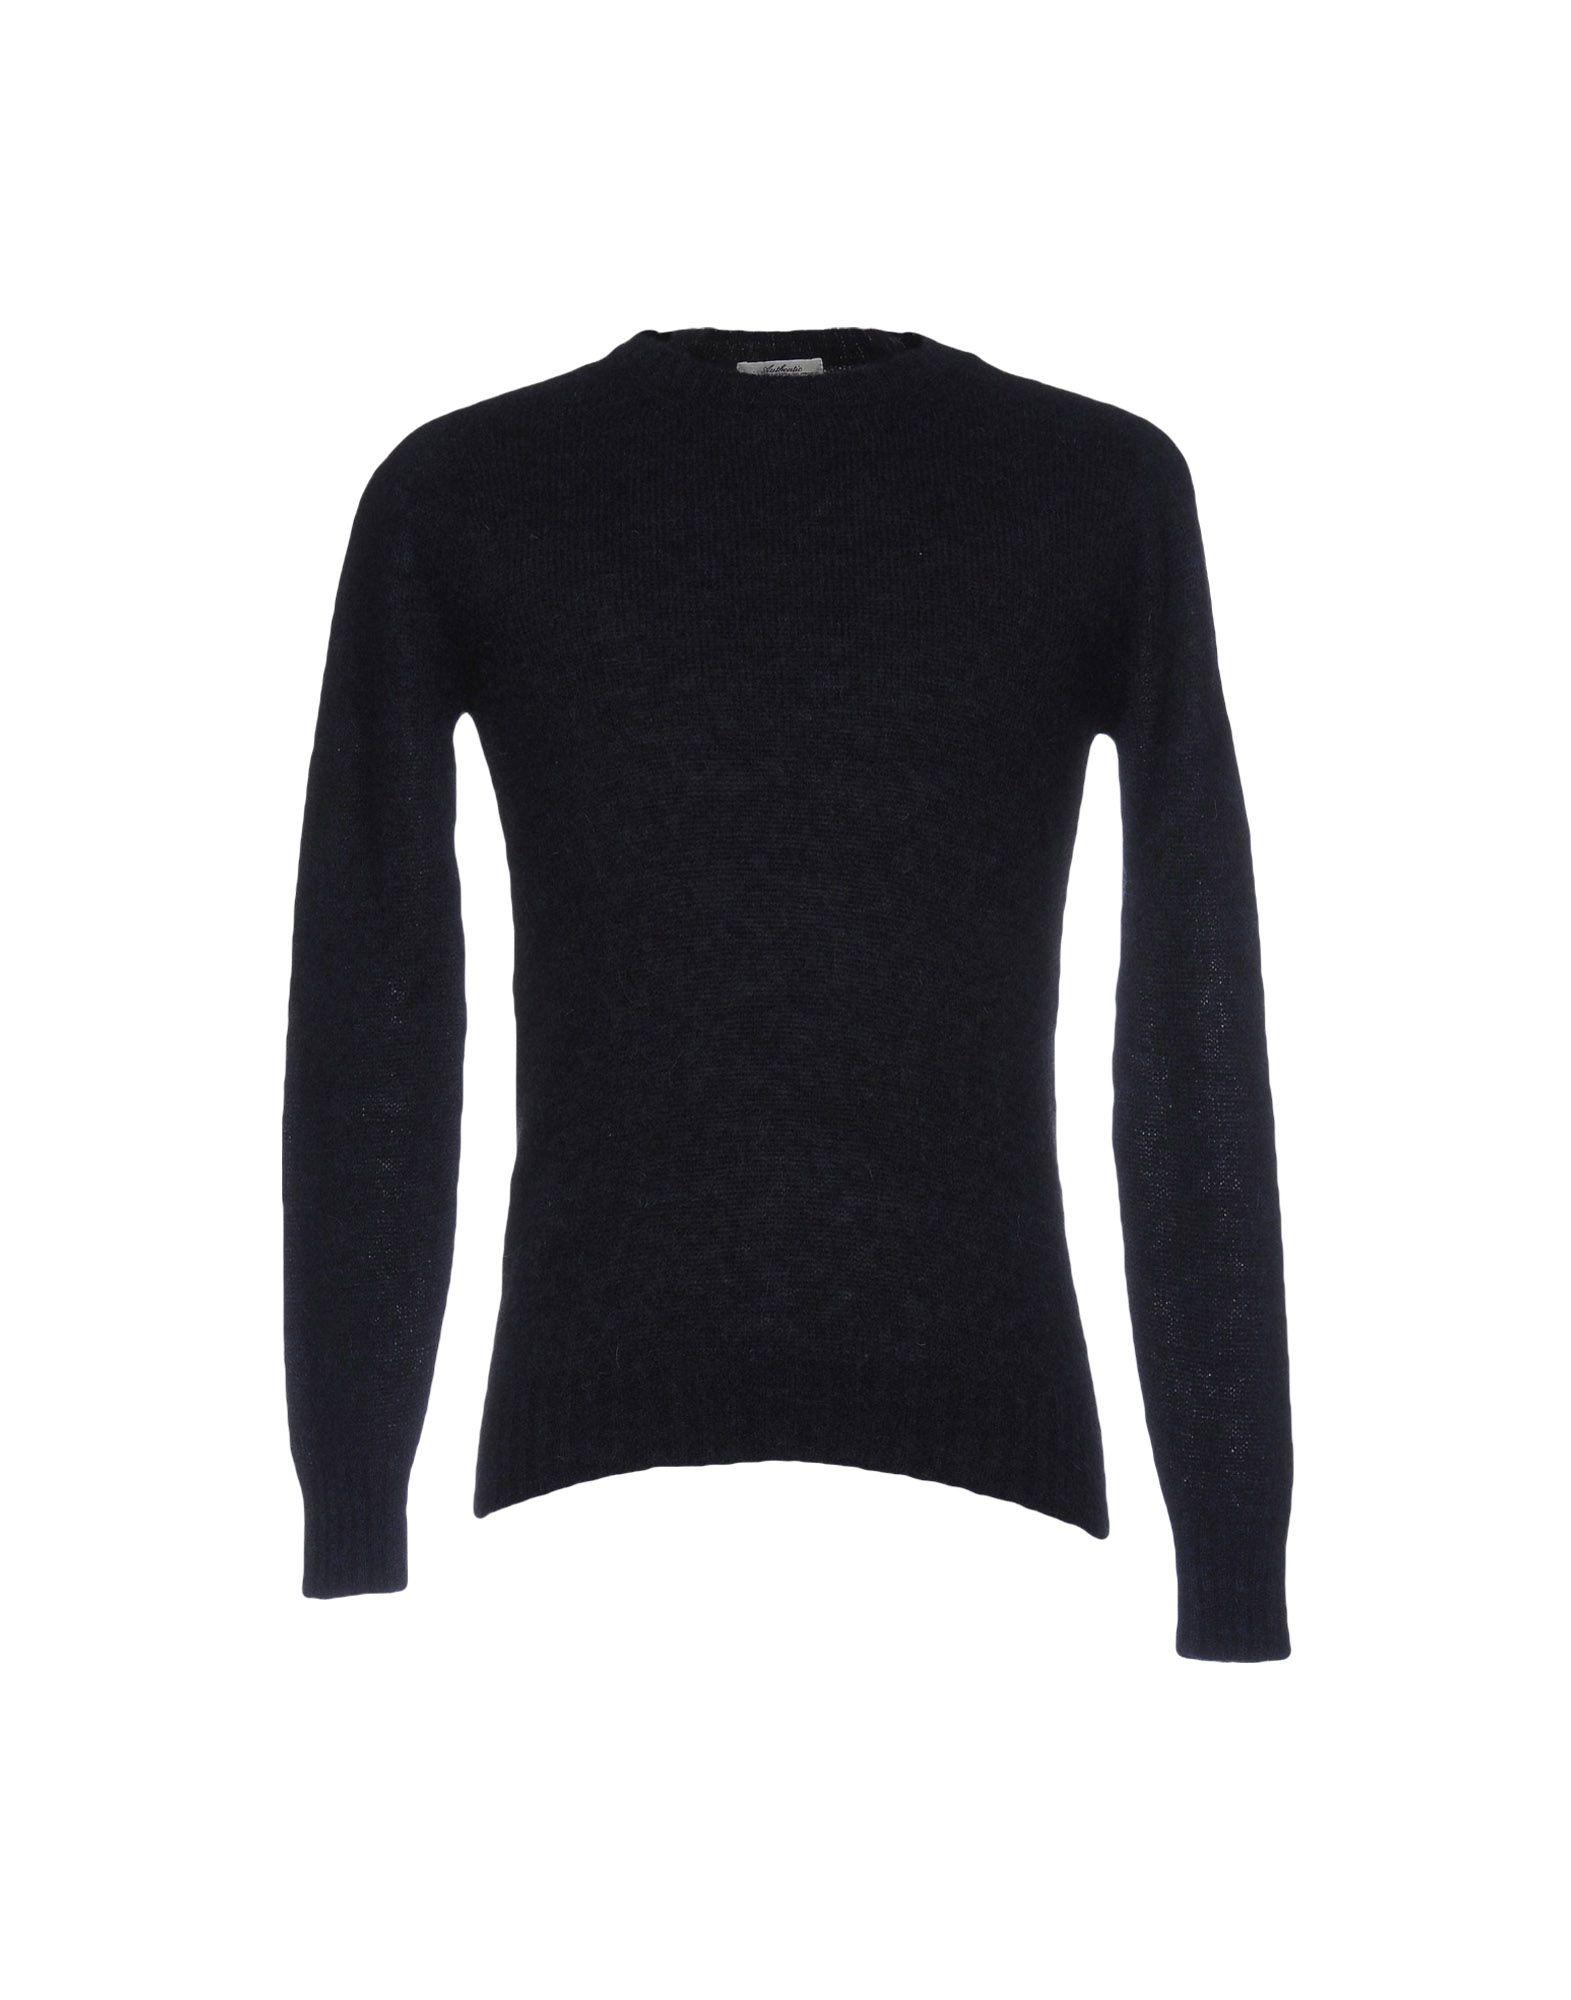 AUTHENTIC ORIGINAL VINTAGE STYLE Herren Pullover Farbe Dunkelblau Größe 8 jetztbilligerkaufen